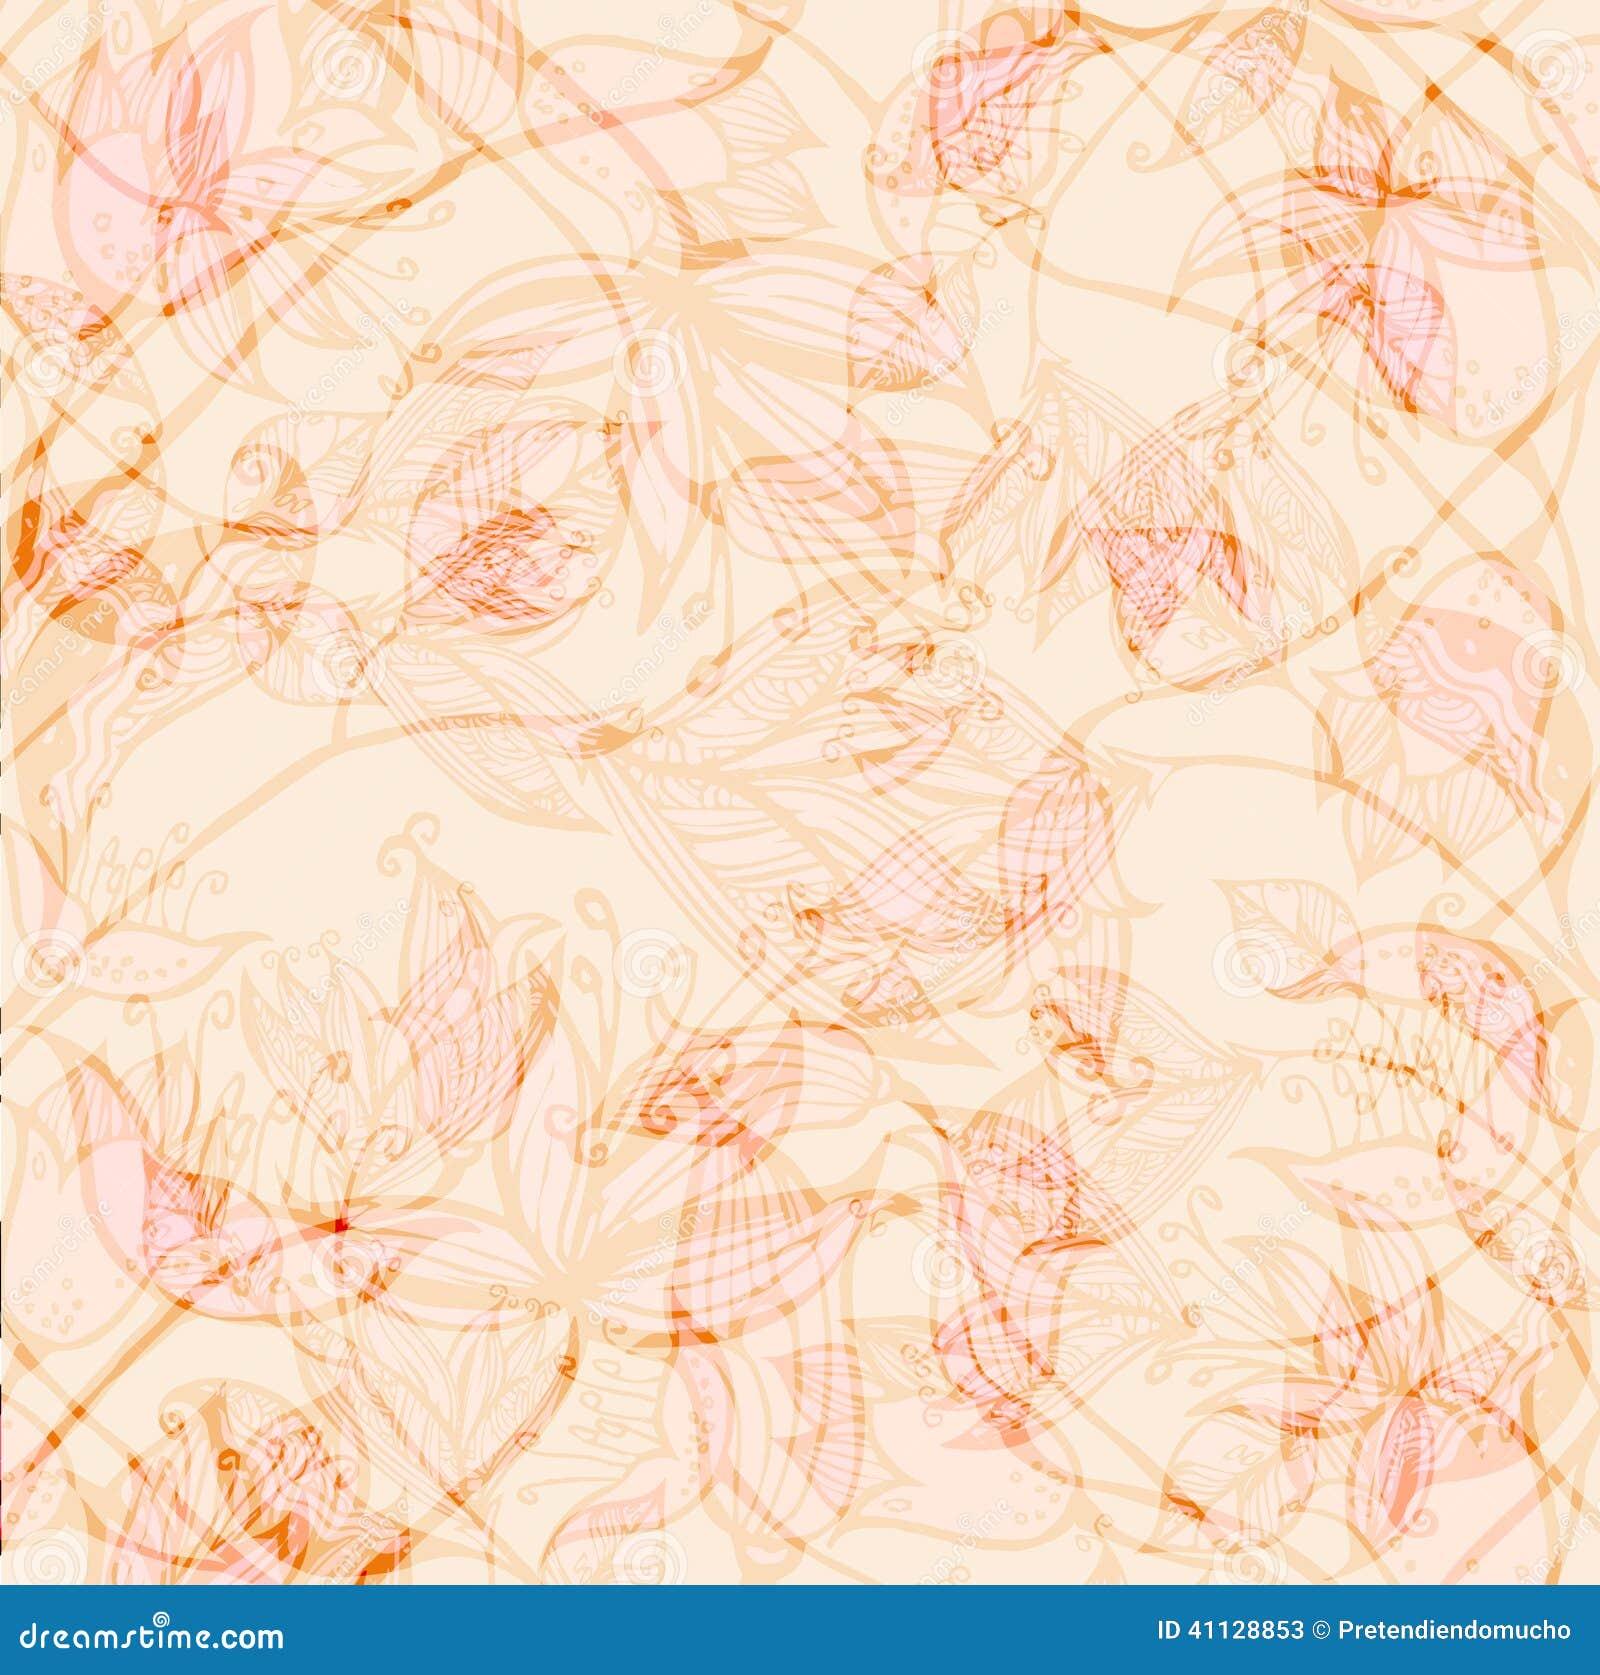 illustration soft floral - photo #26